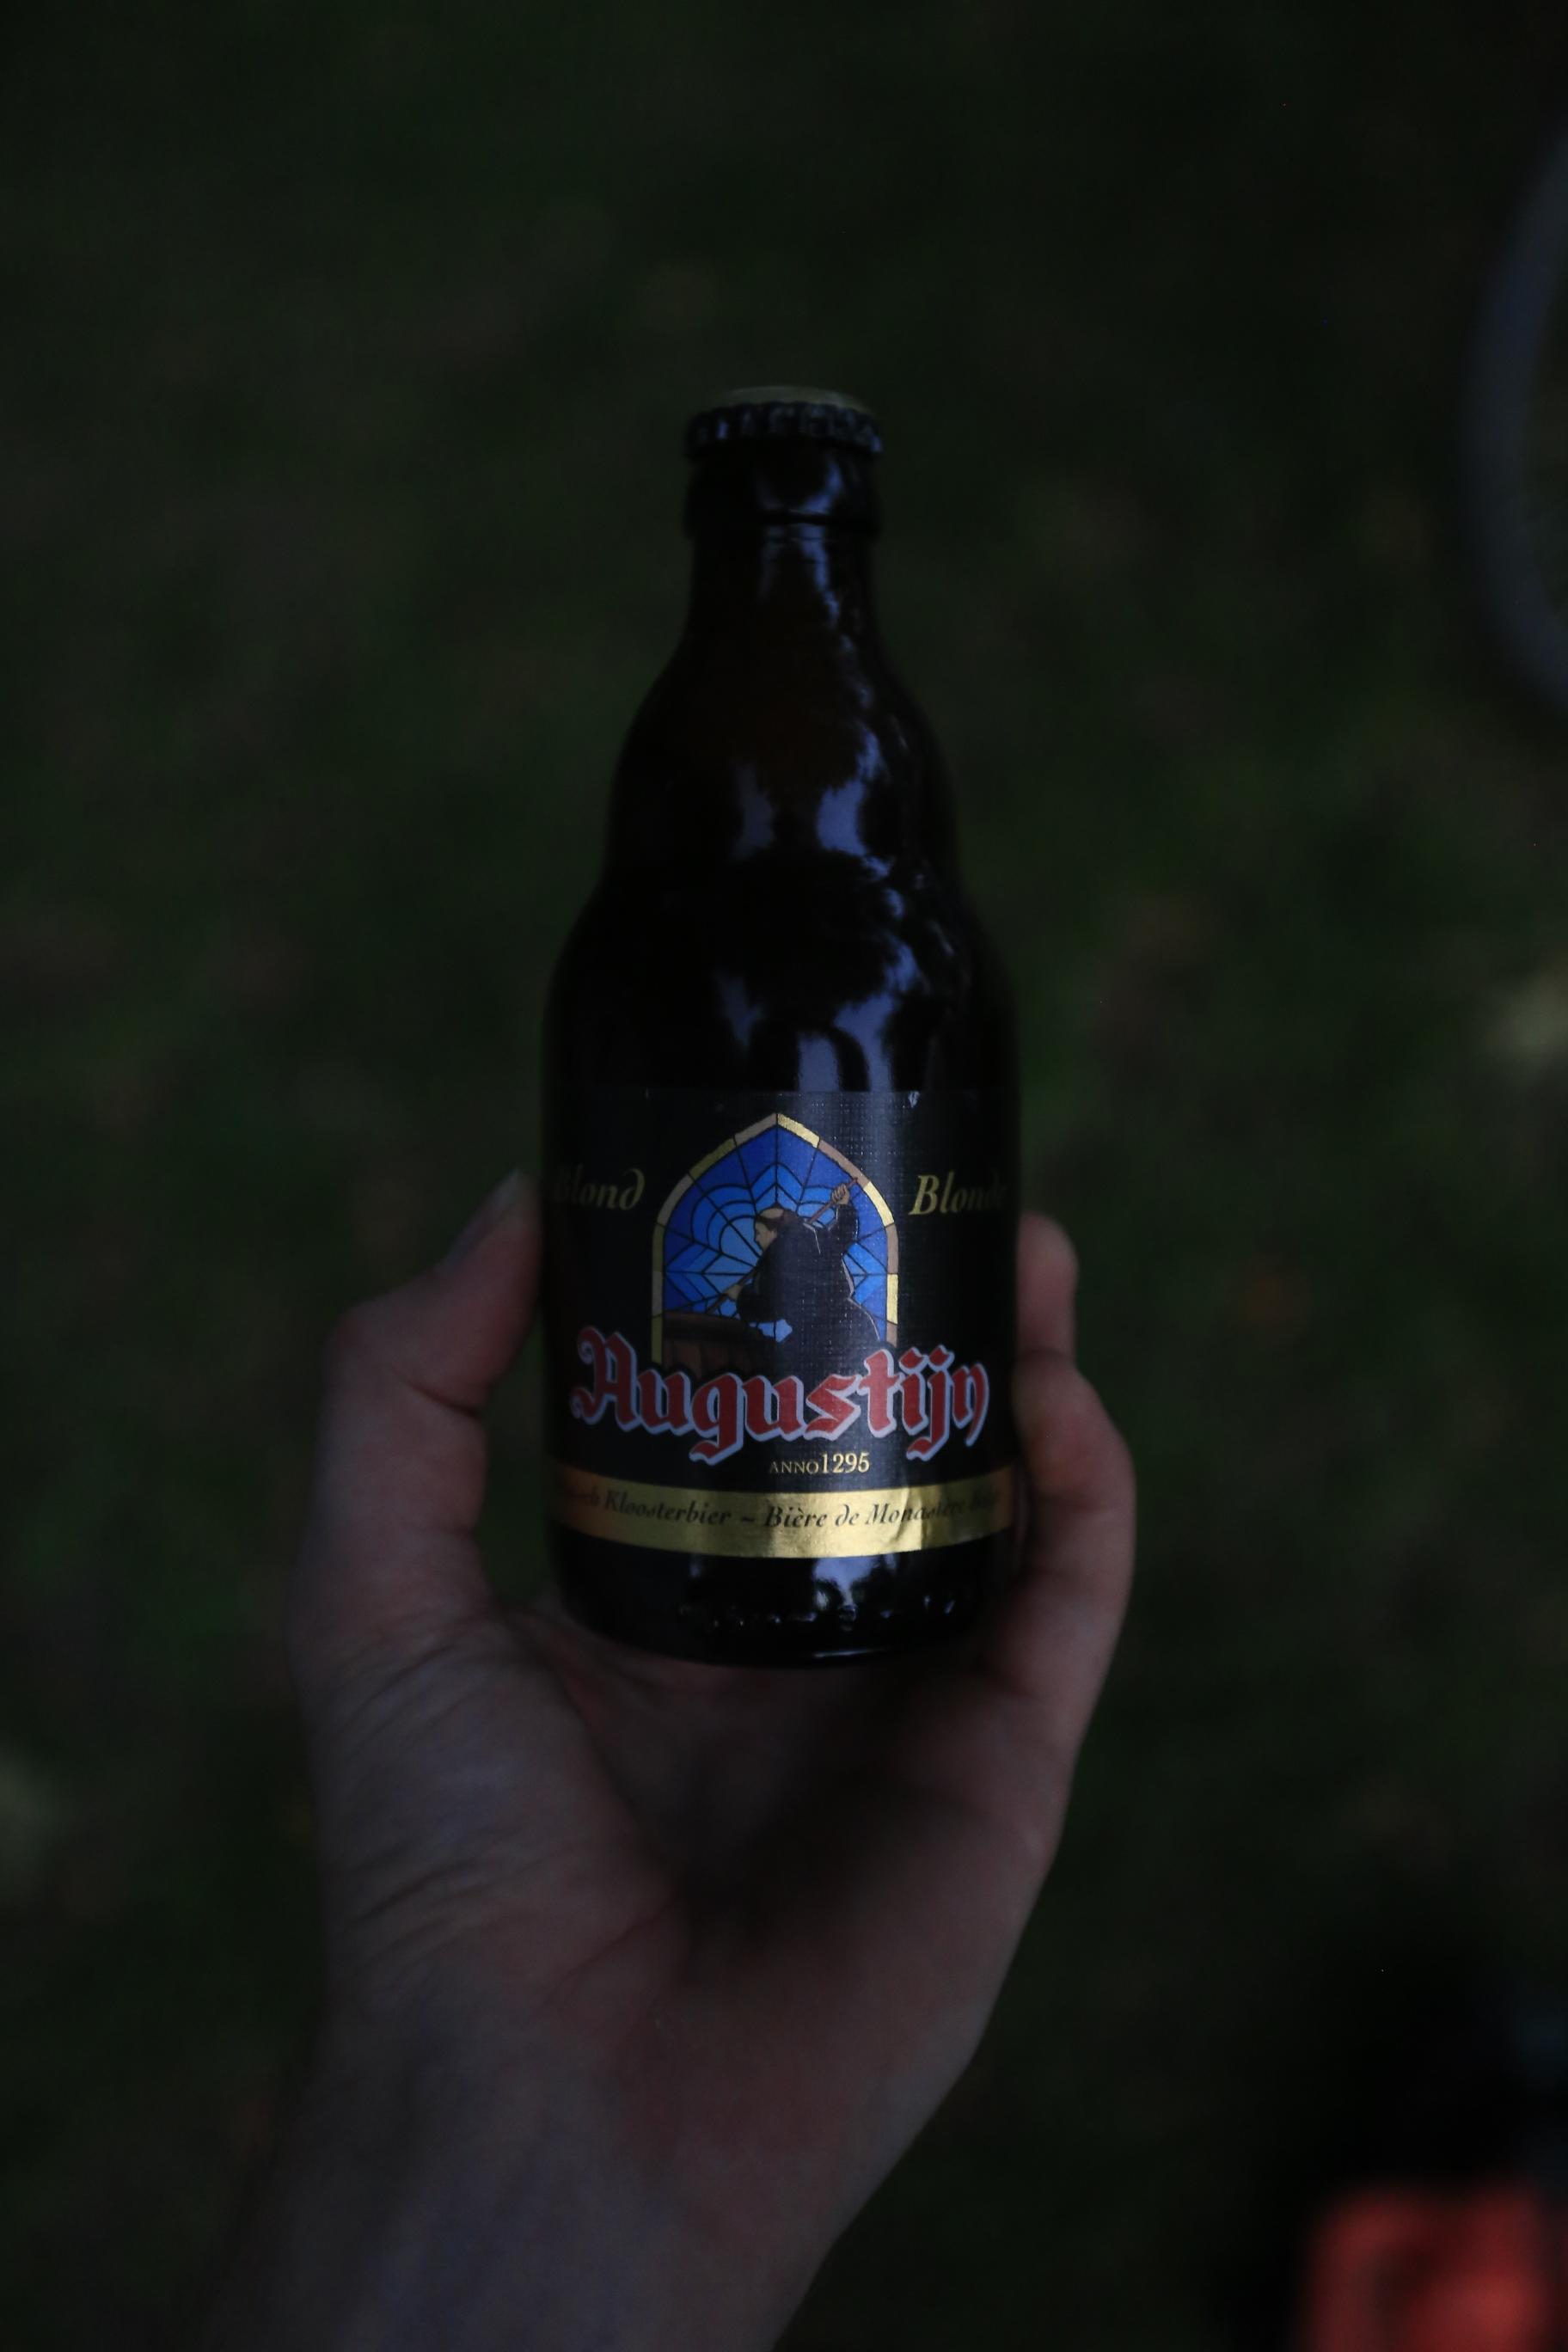 beer, ipa, belgium beer, local brewery, bikepacking beer, alcohol, cycling blog, food, foodie, food blog, eat, lunch, drink, best beer, beer blog, bicycle touring apocalypse